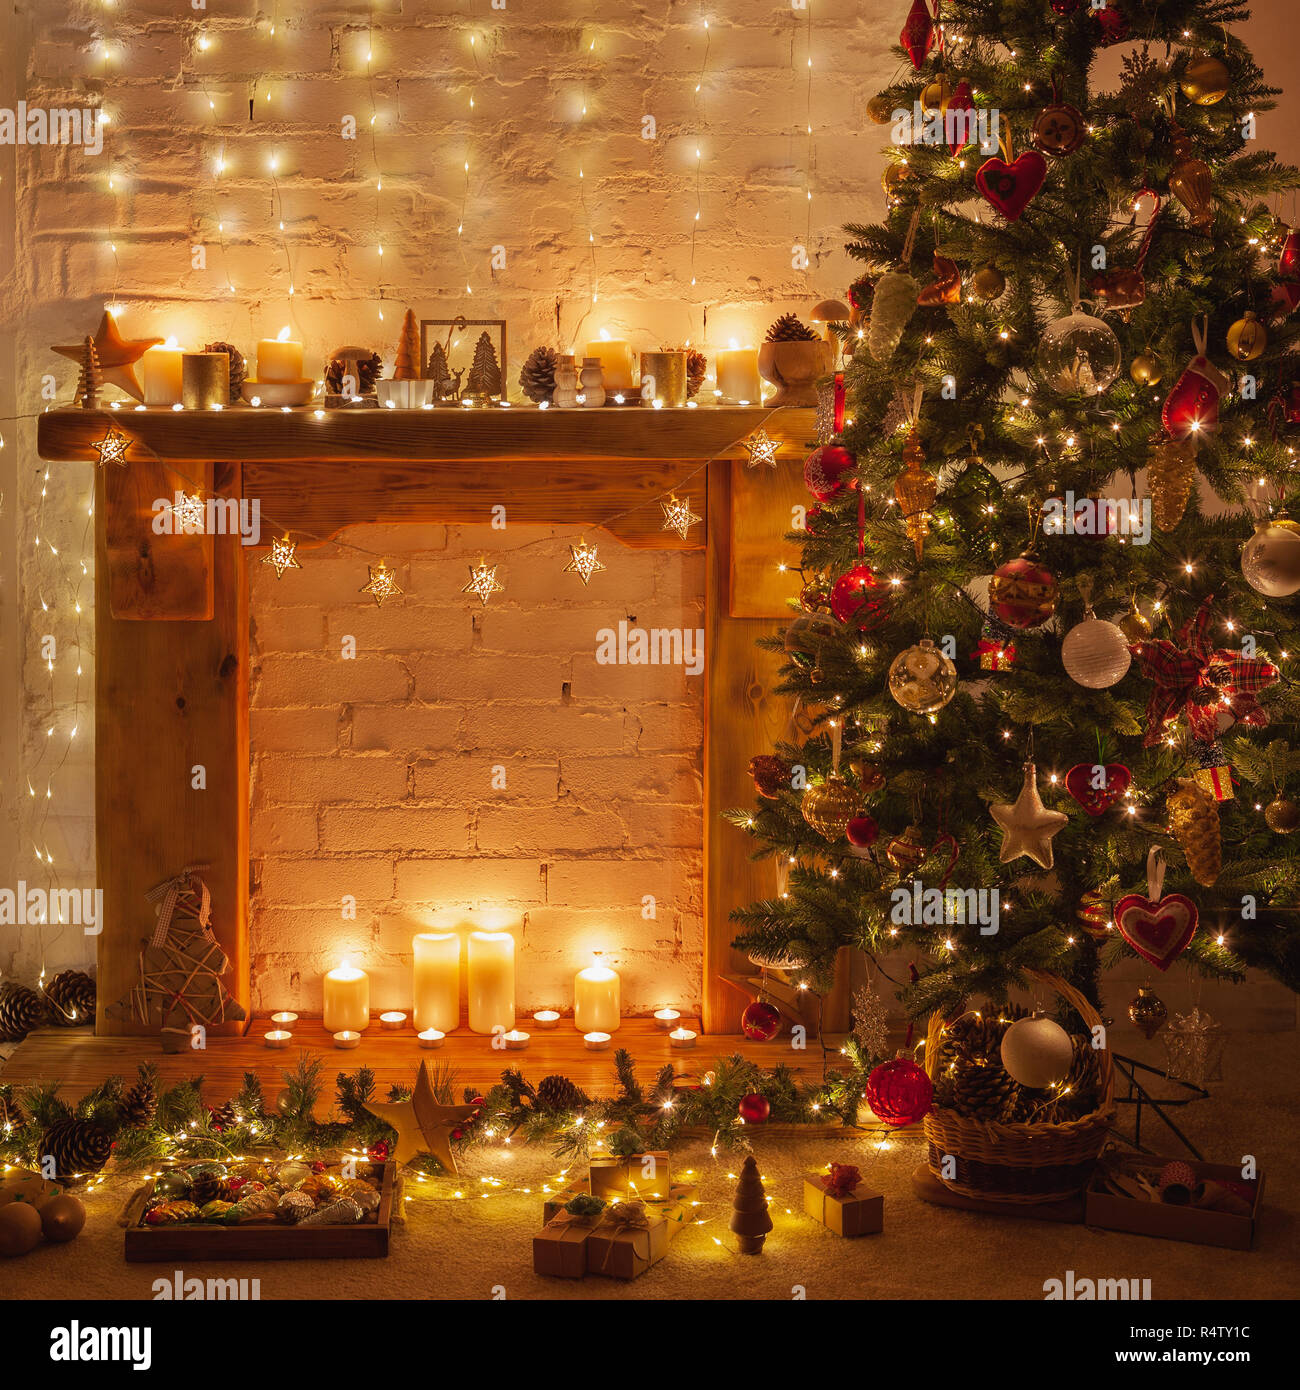 Beleuchtete Bilder Weihnachten.Magische Weihnachten Dekoriert In Warmen Kamin Mit Massivholz